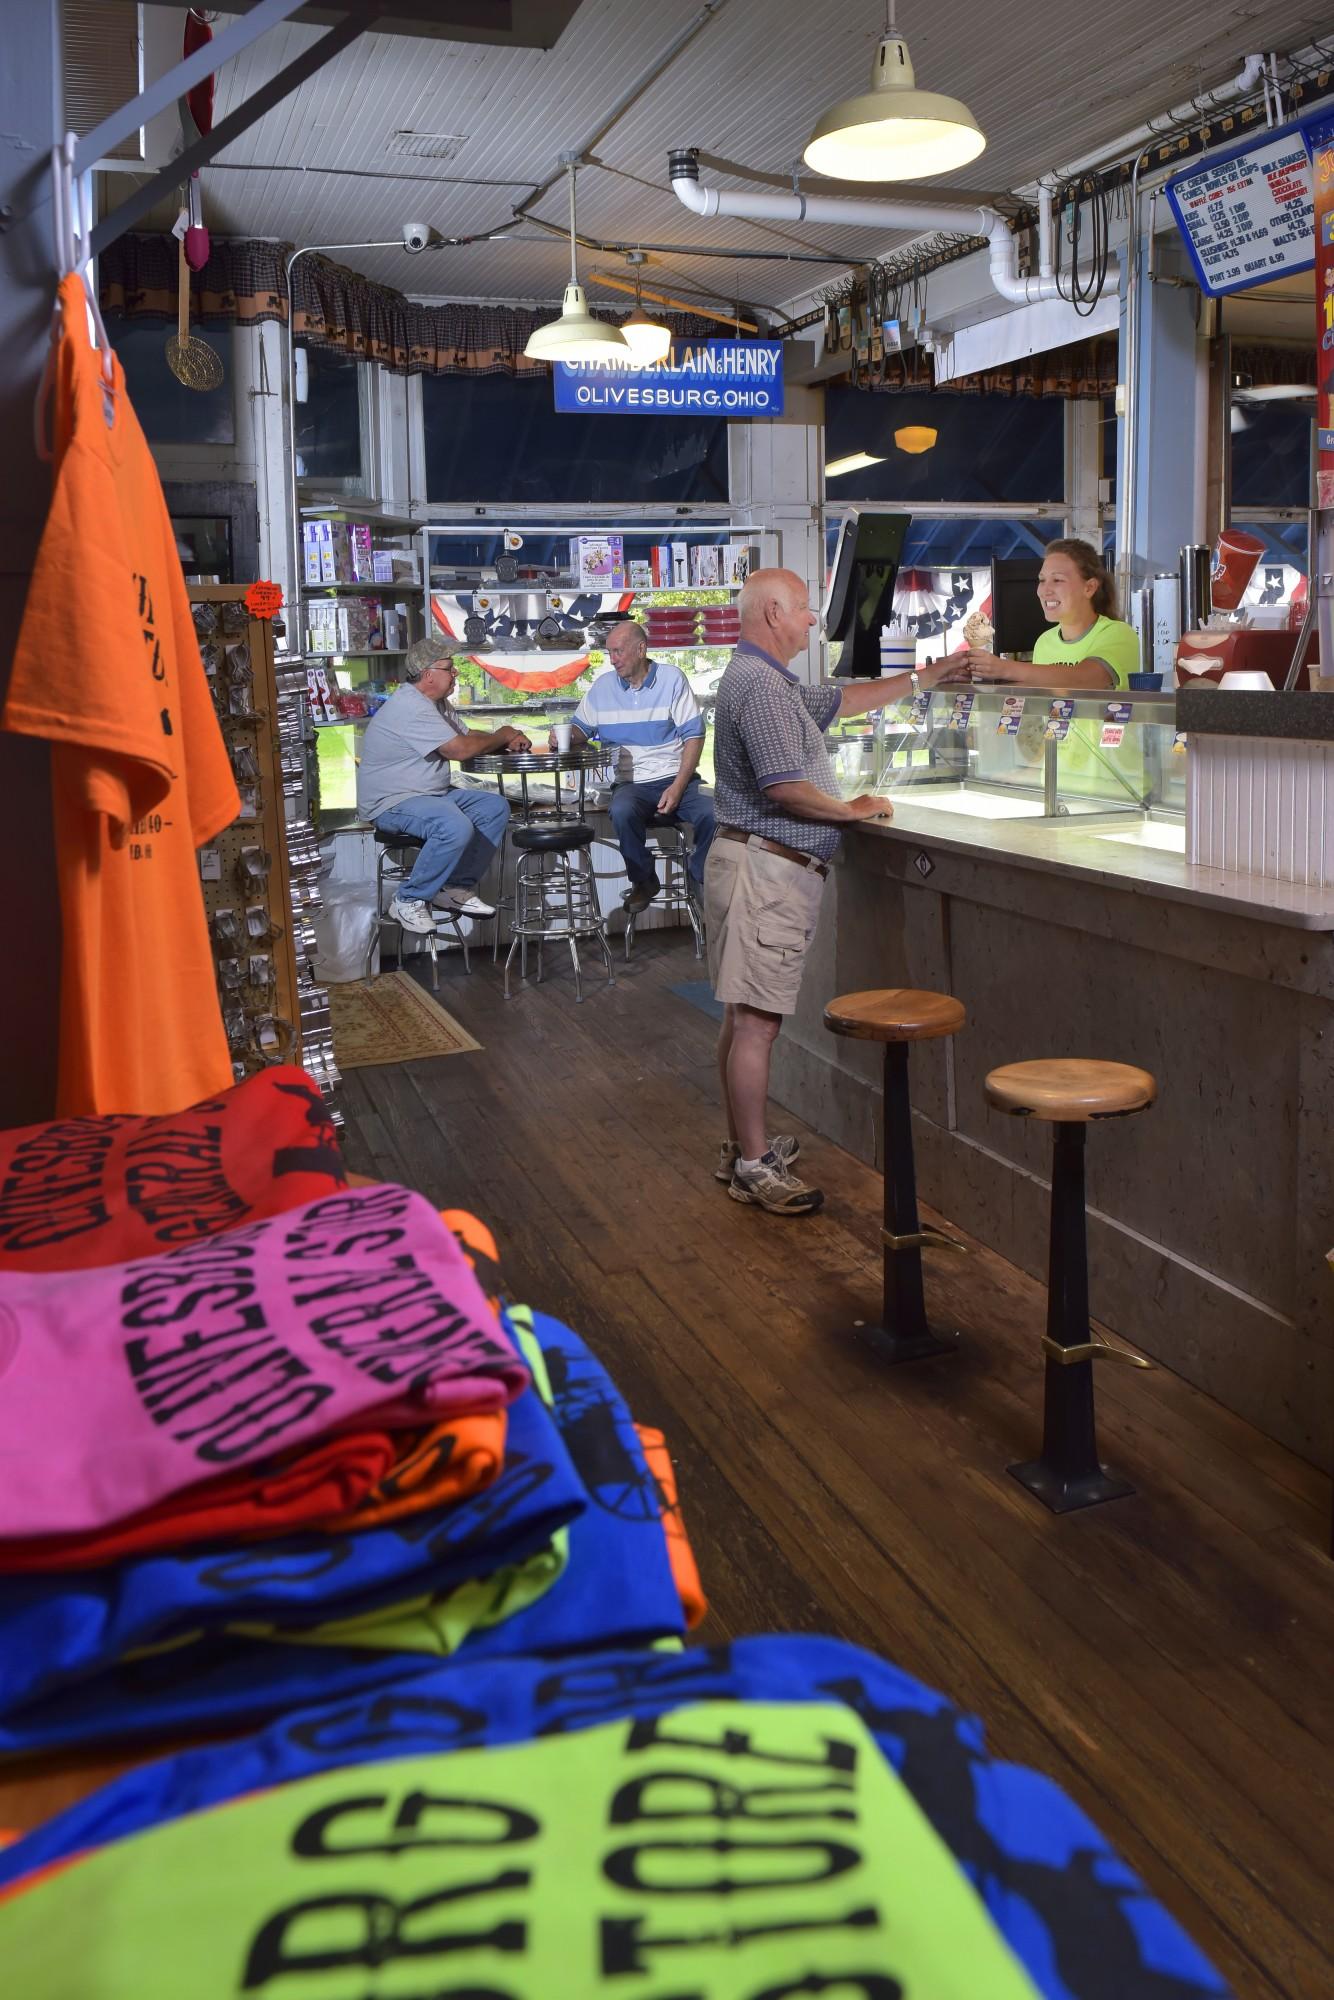 Olivesburg General Store